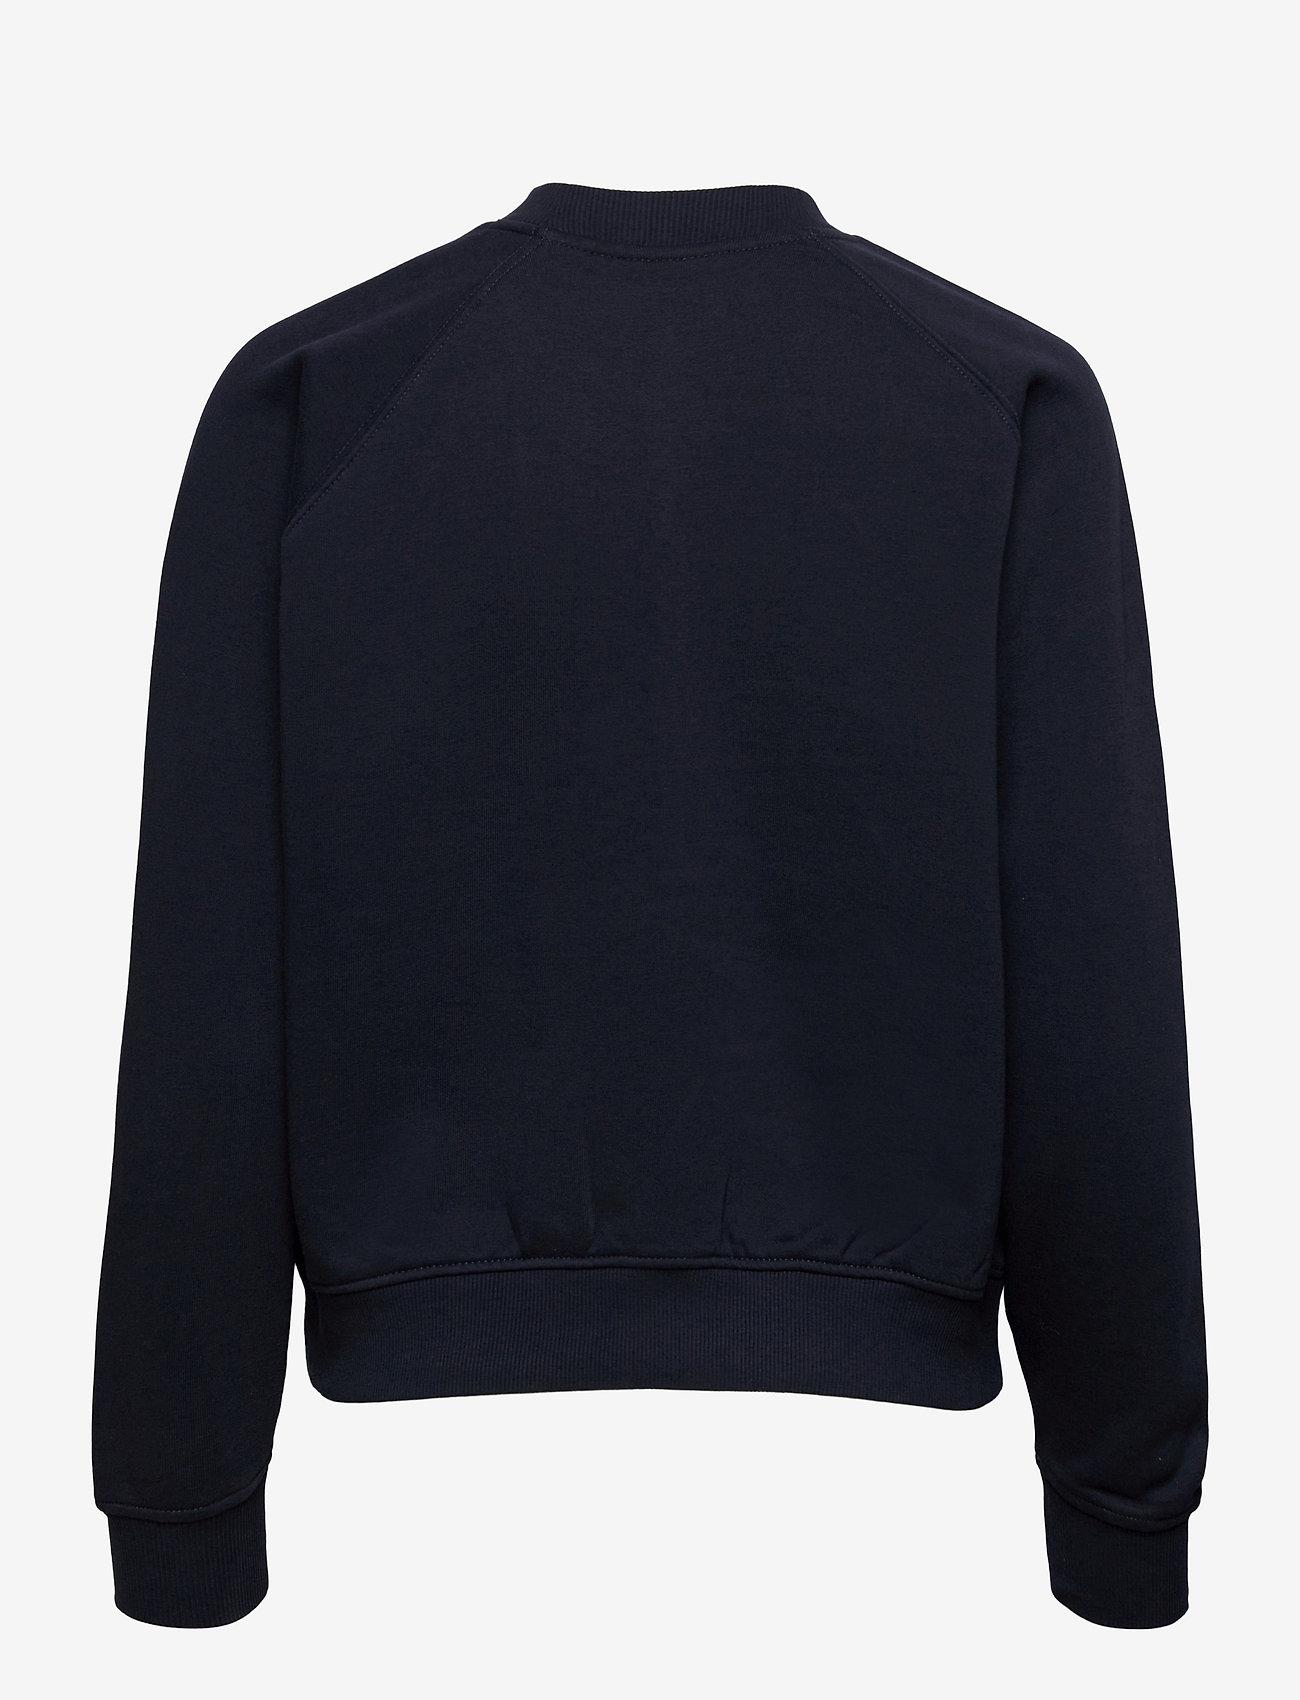 Napapijri - BILEA C - sweatshirts & hoodies - blue marine - 1